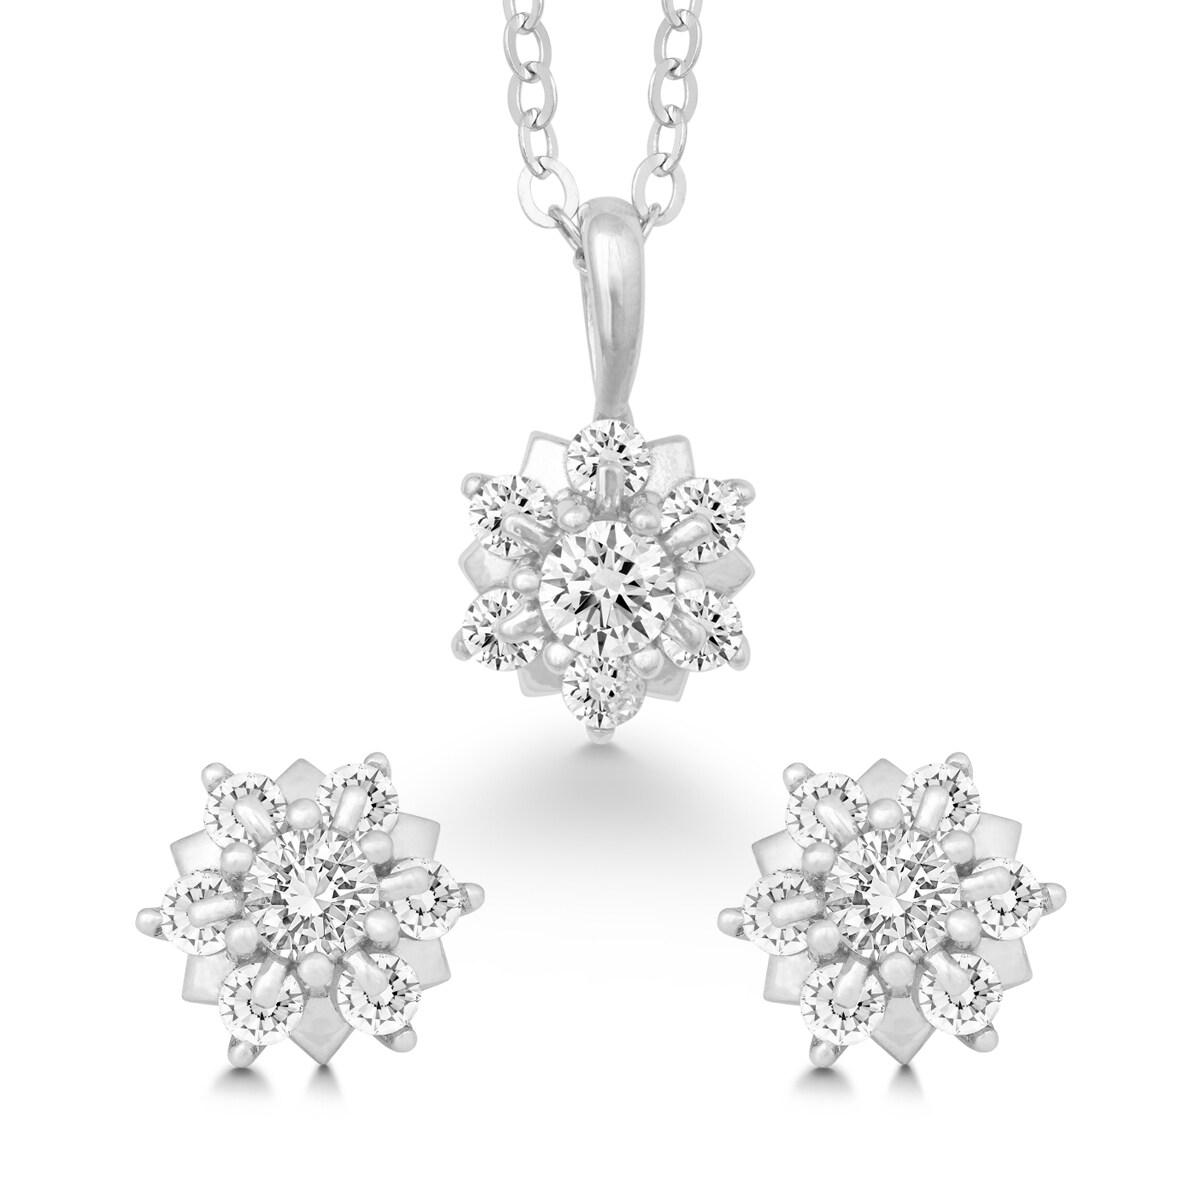 La Preciosa Sterling Silver Cubic Zirconia Earrings and P...